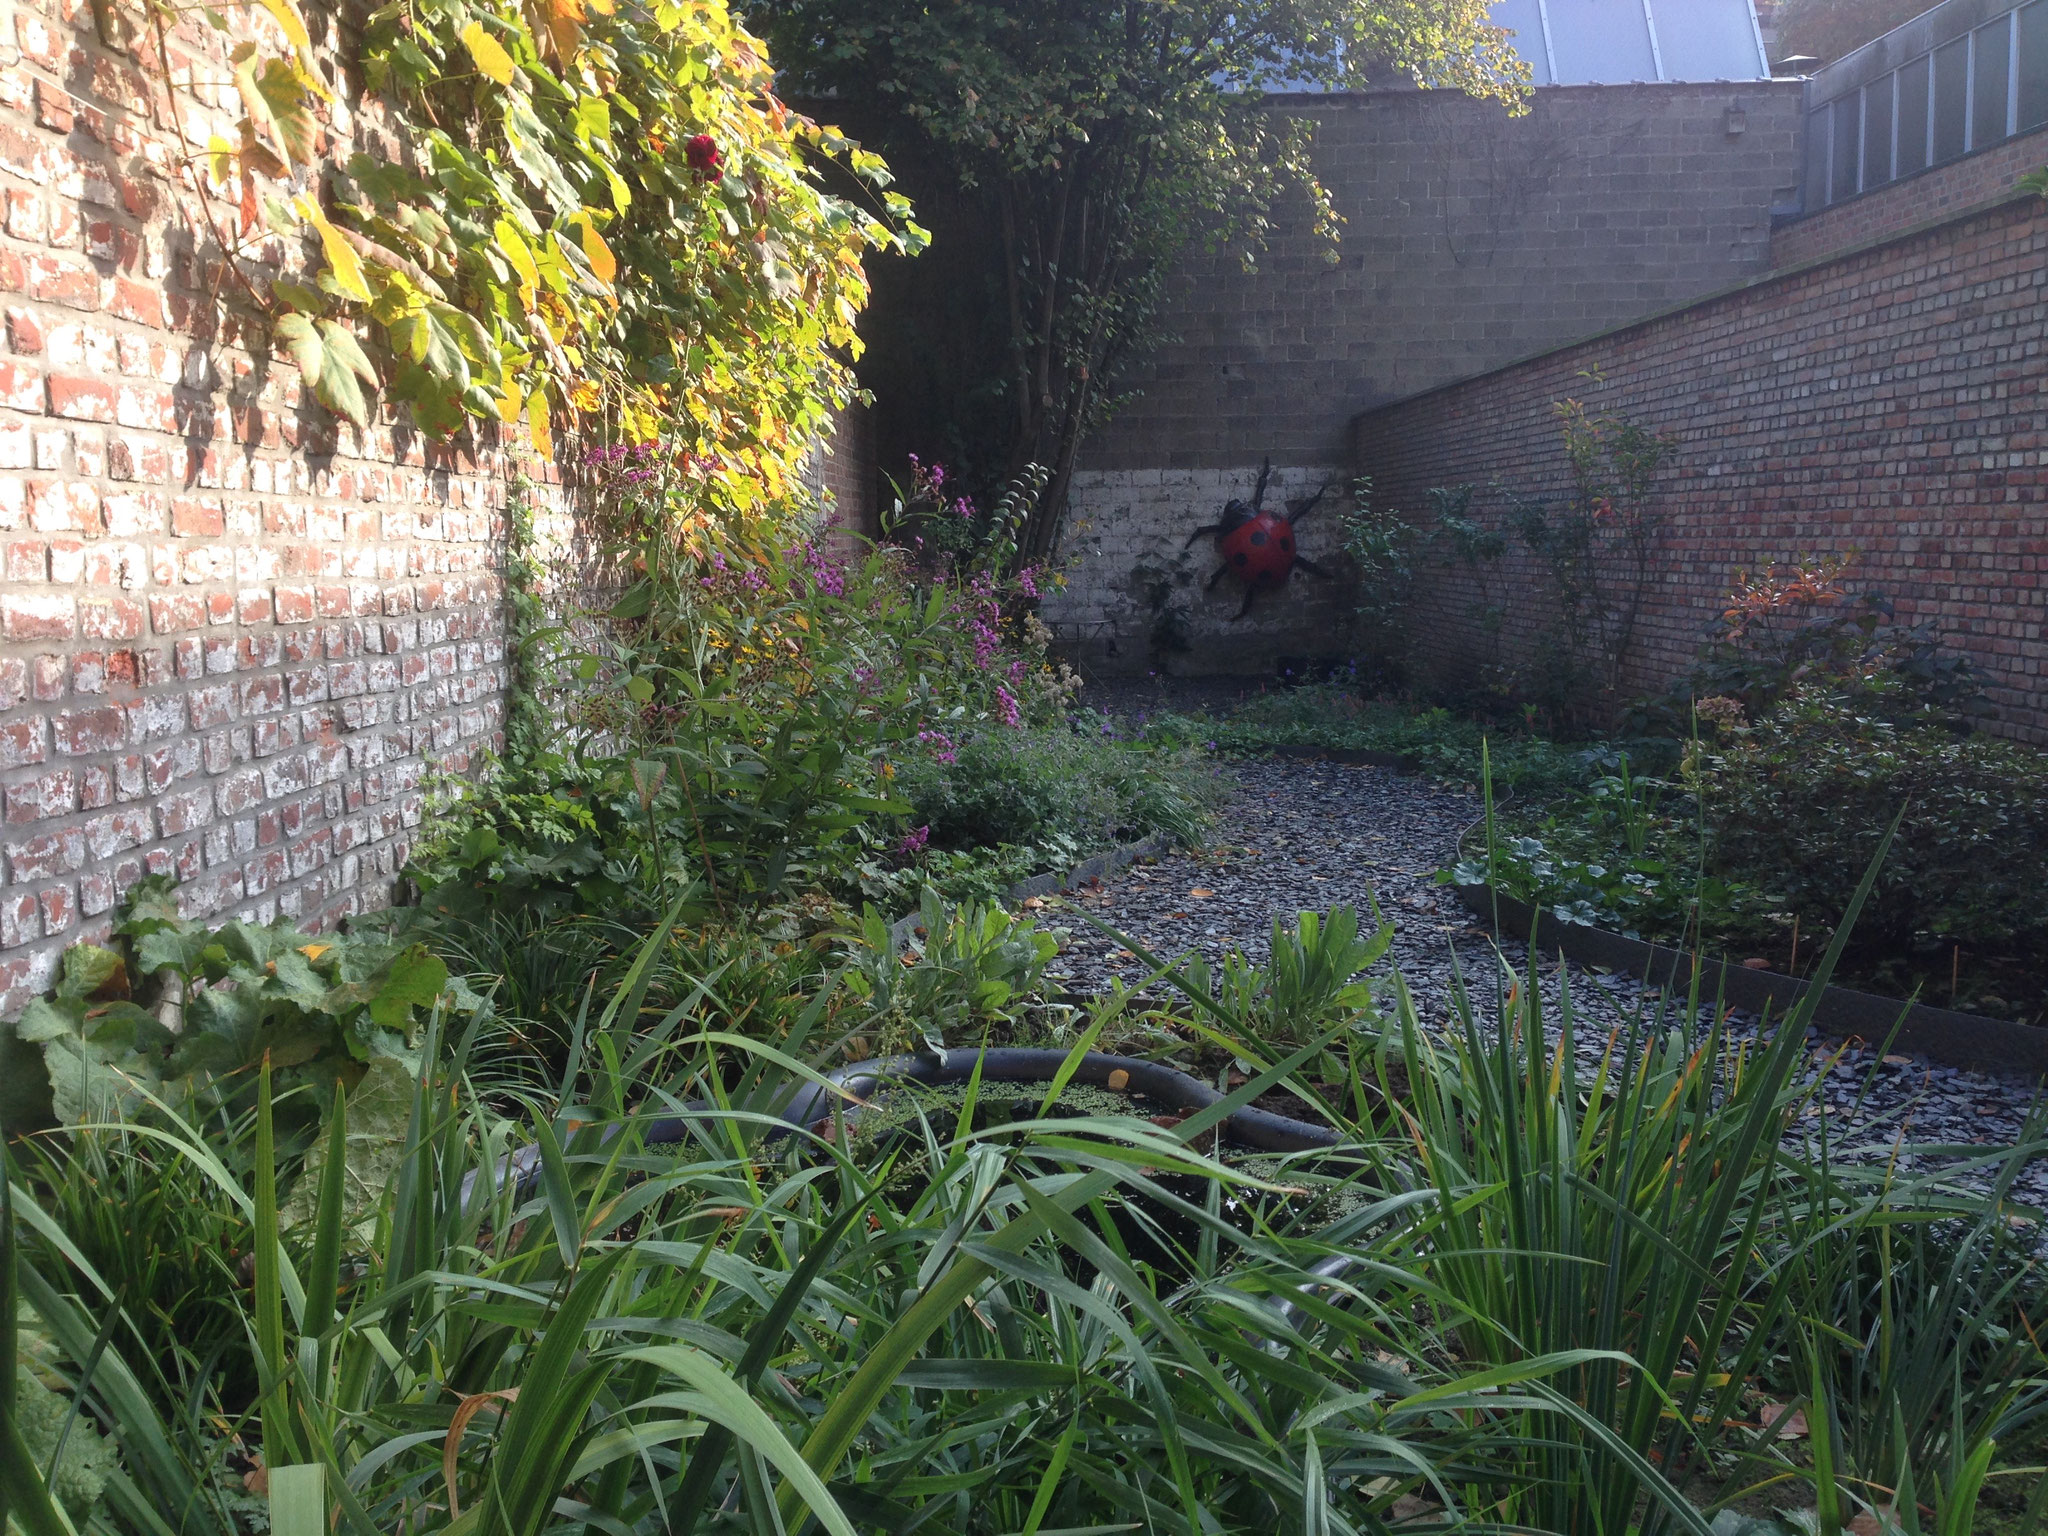 Jardin de ville 120m2 - Après 6 mois . Amenagement jardin Bruxelles